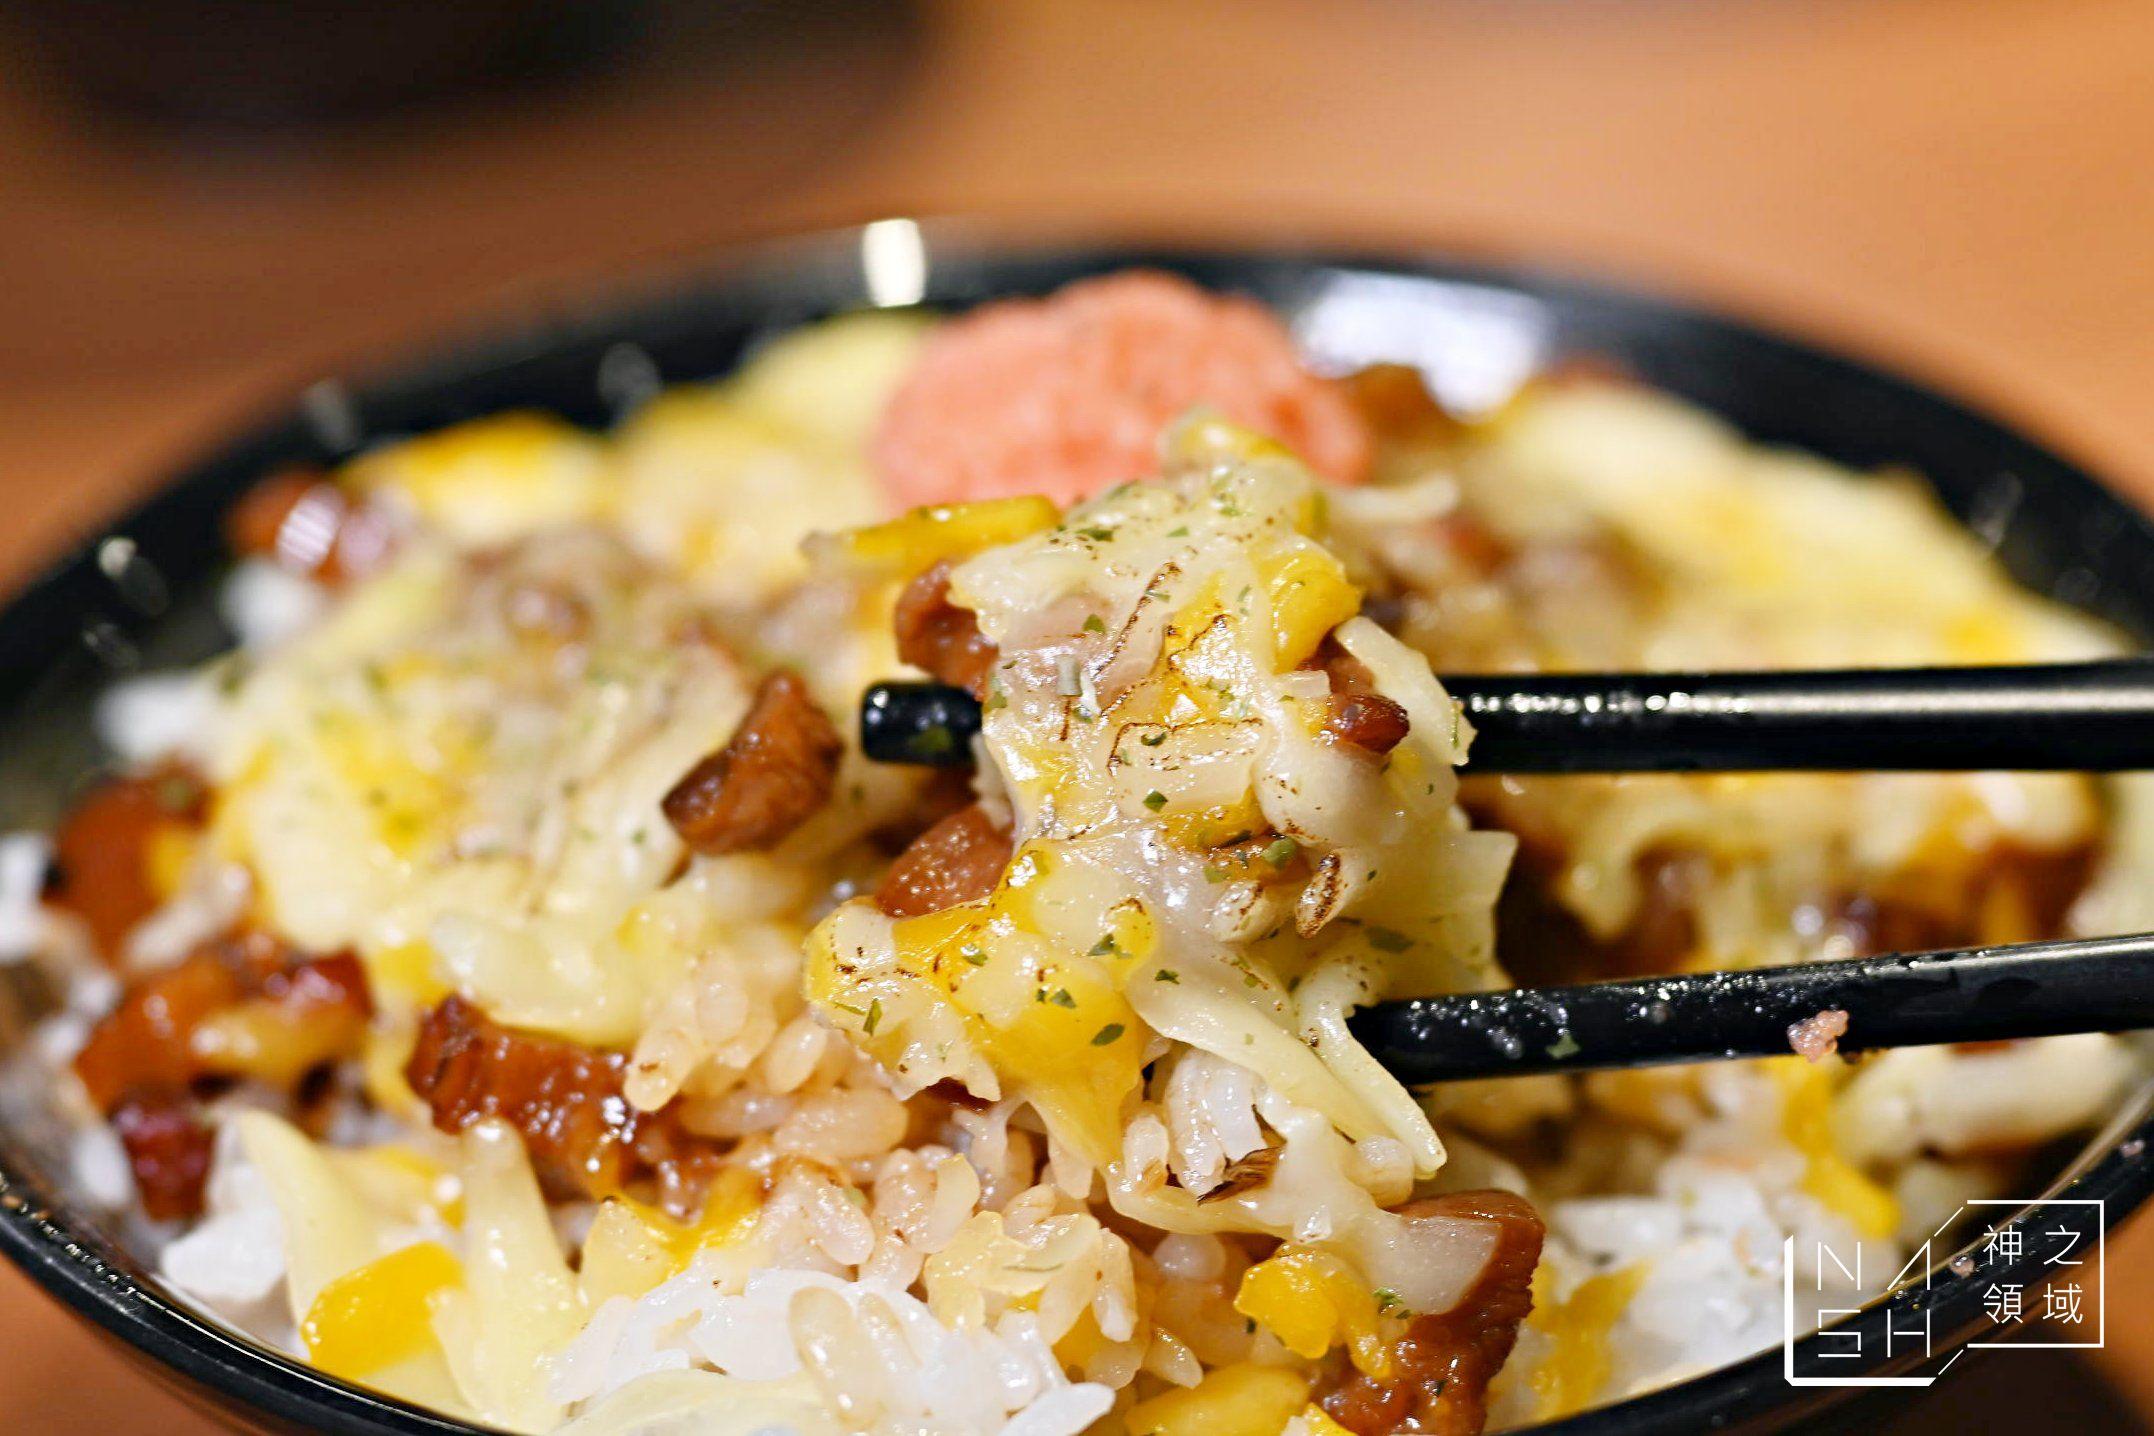 金仙魯肉飯鉑金食堂